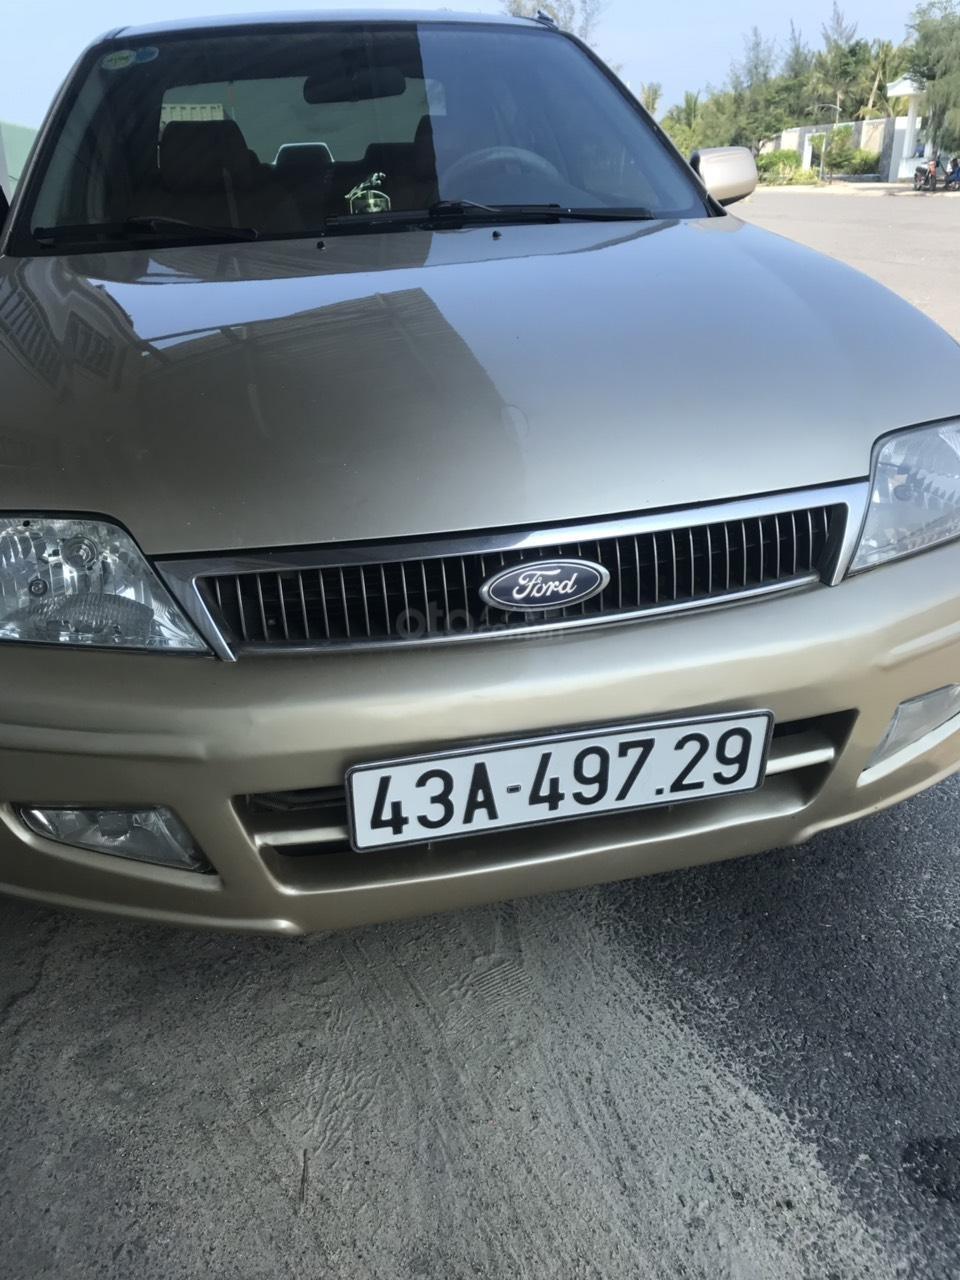 Cần bán xe Ford Laser Deluxe 2001, xe chính chủ, 169 triệu (1)